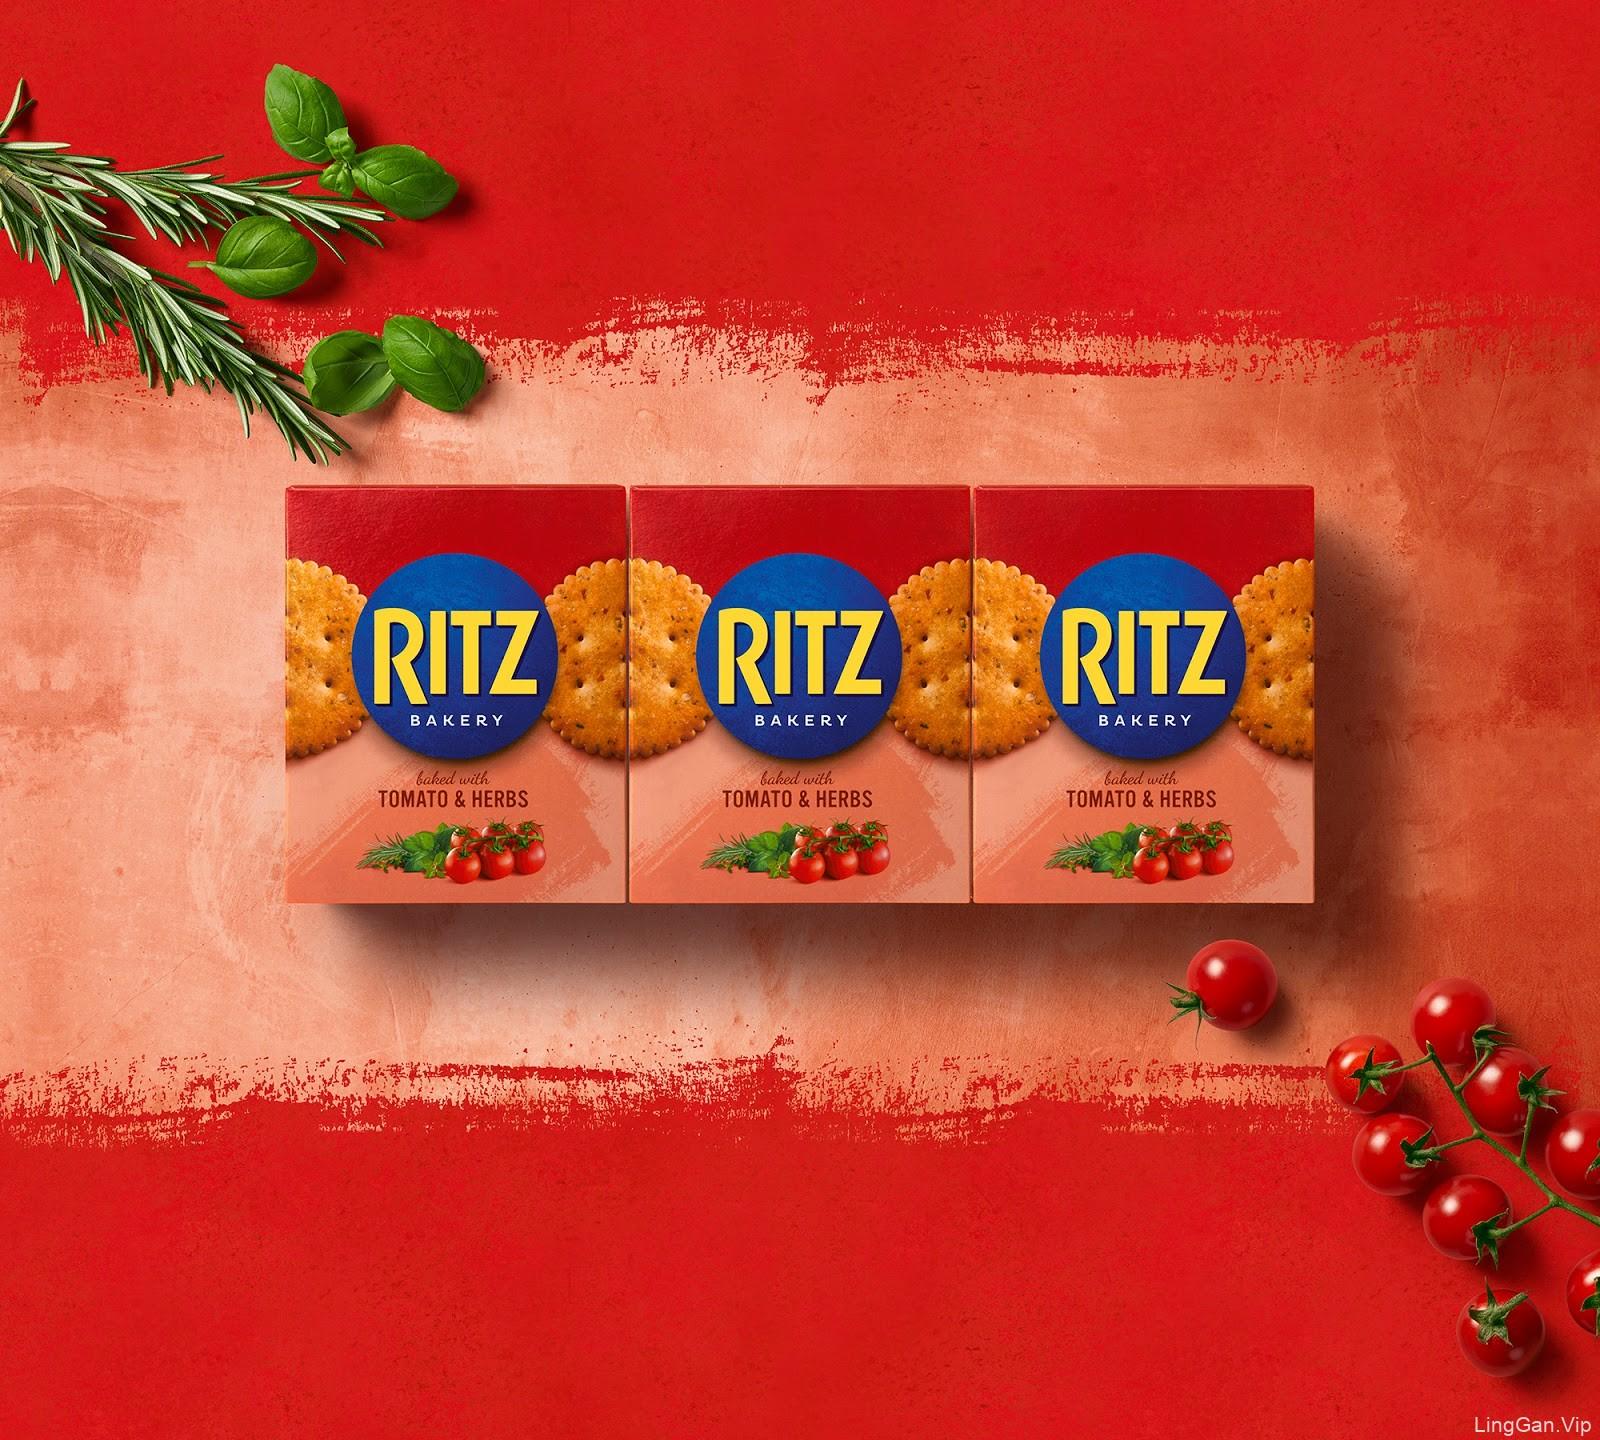 Ritz饼干包装设计